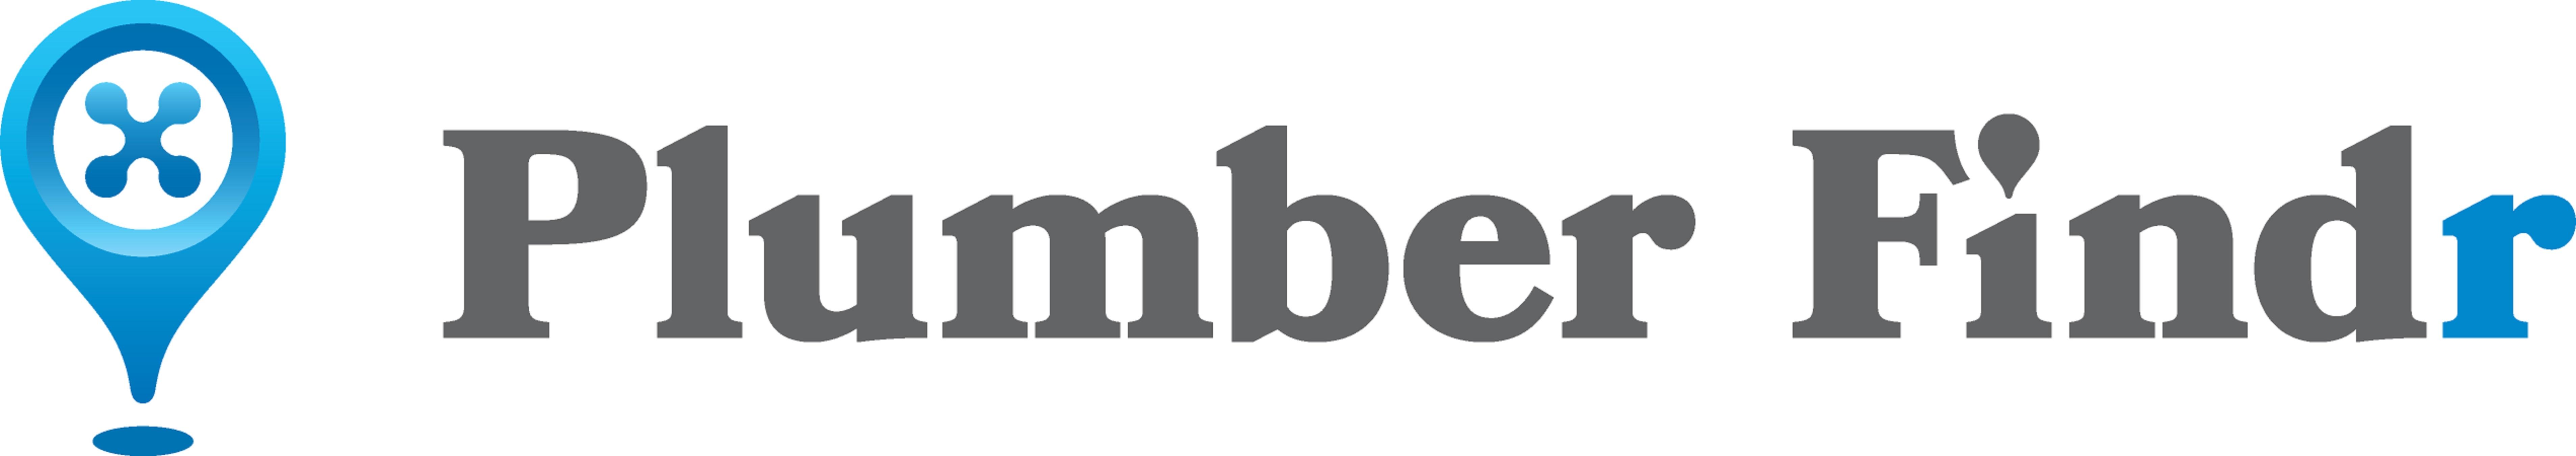 Plumber Findr